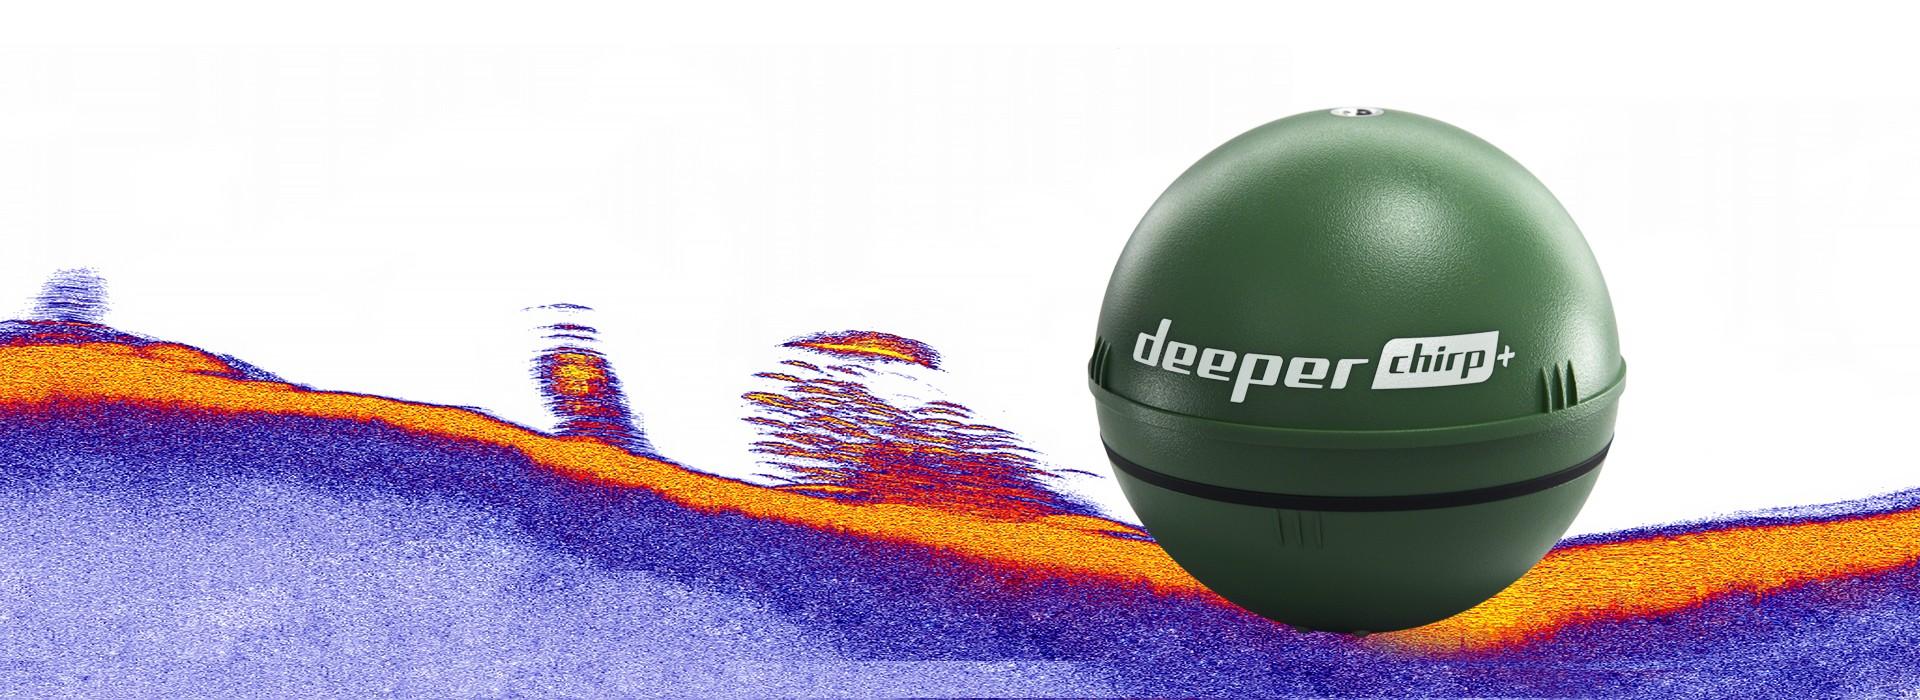 Avance en la pescaEl único sonar CHIRP lanzable del mercado con GPS integrado